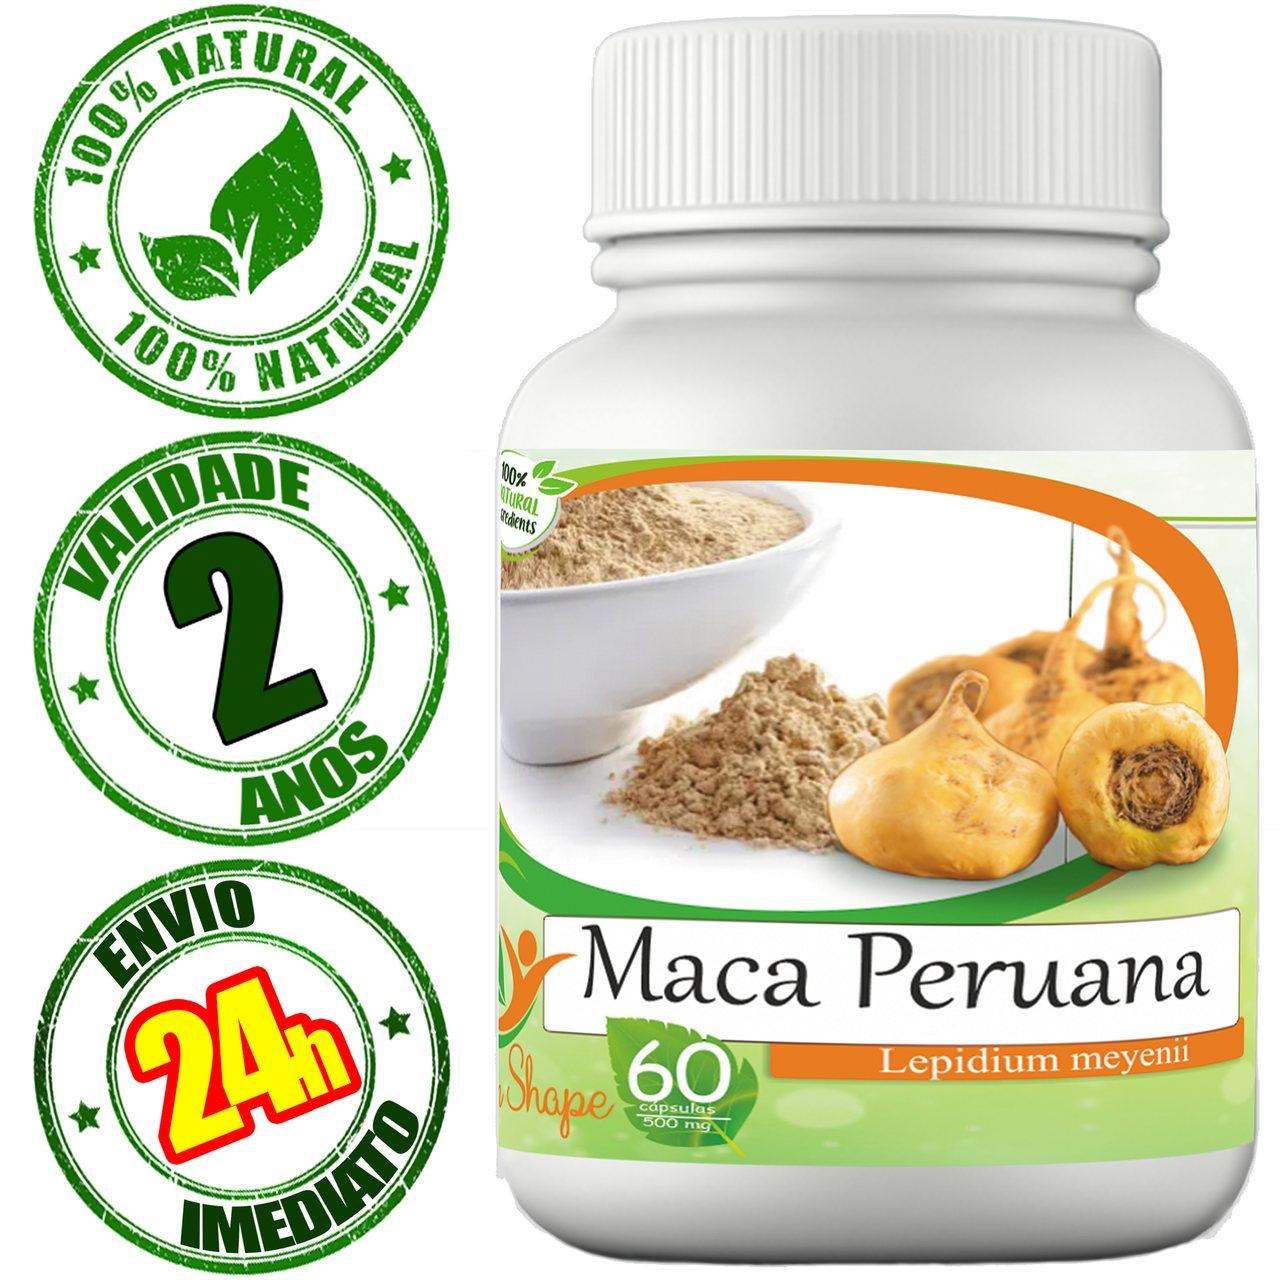 6 frascos de Maca Peruana 60 cápsulas cada frasco